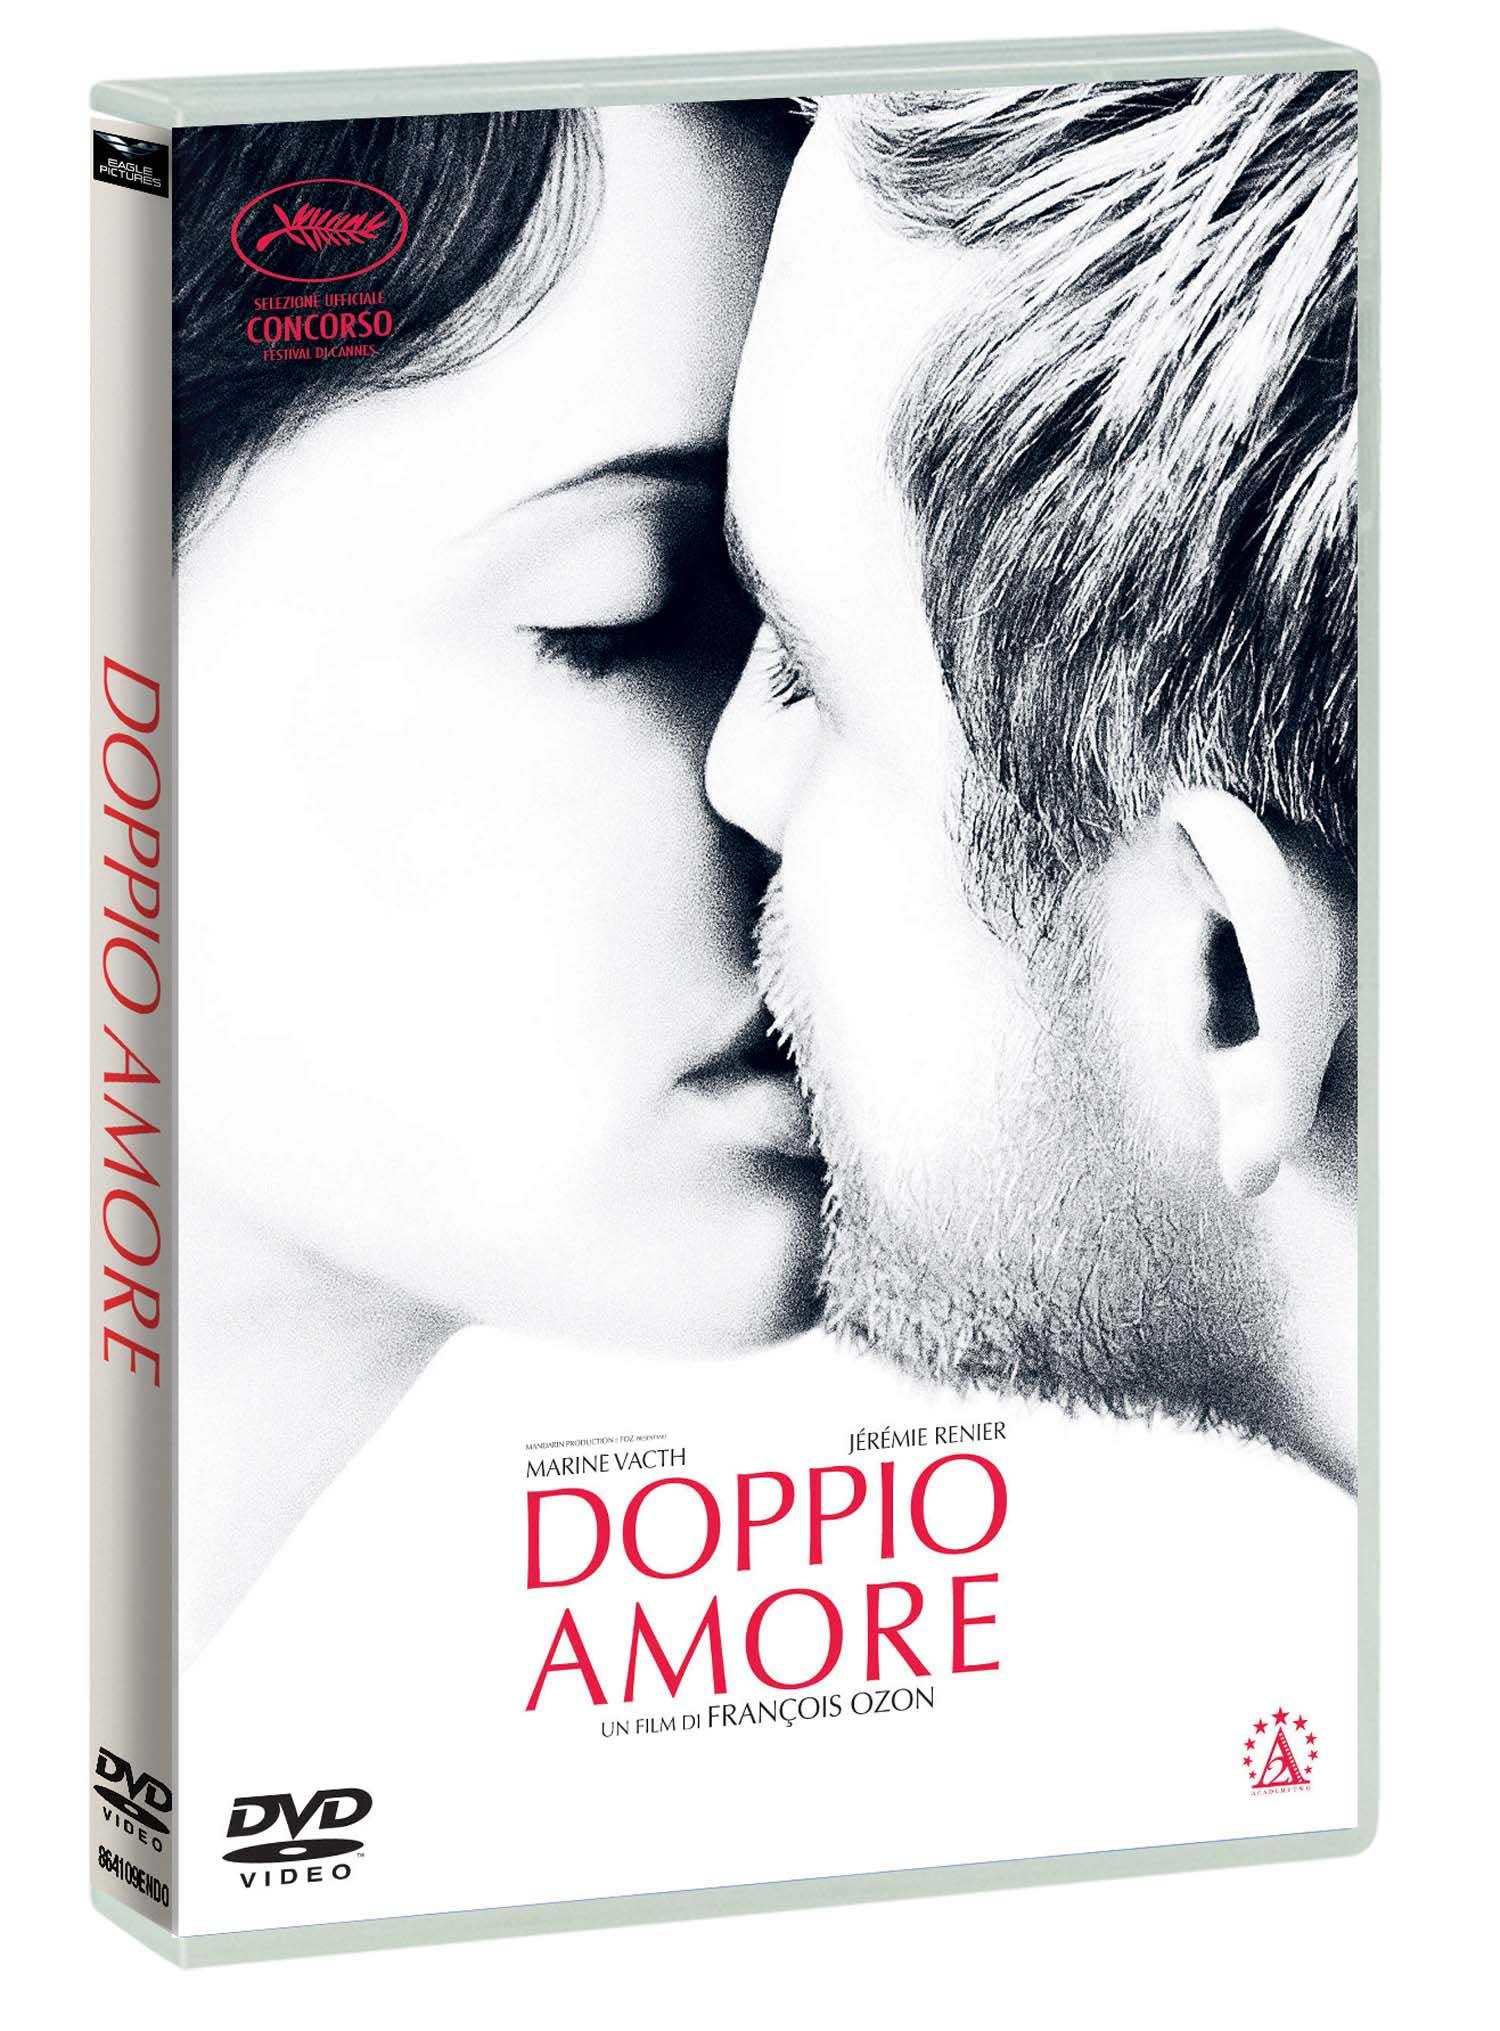 DOPPIO AMORE (DVD)